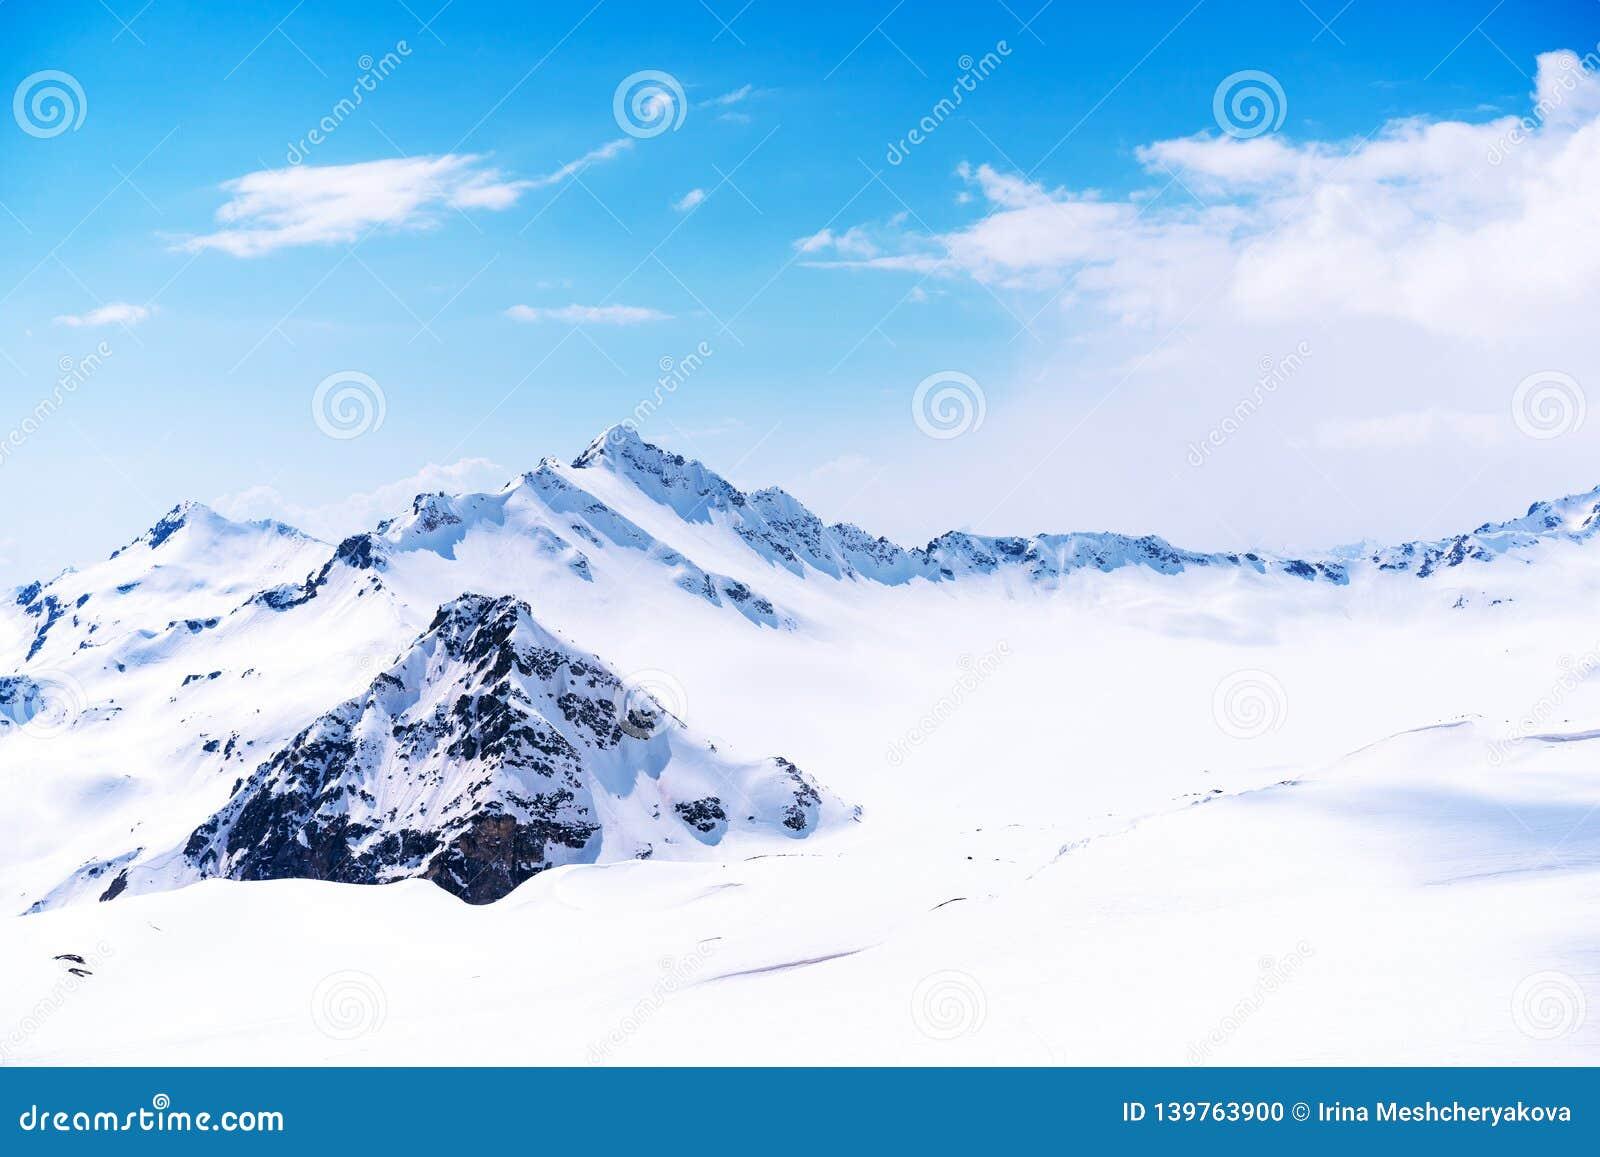 Śnieg nakrywał szczyt Elbrus wysokość pod jasnymi błękitnymi panoramicznymi niebami